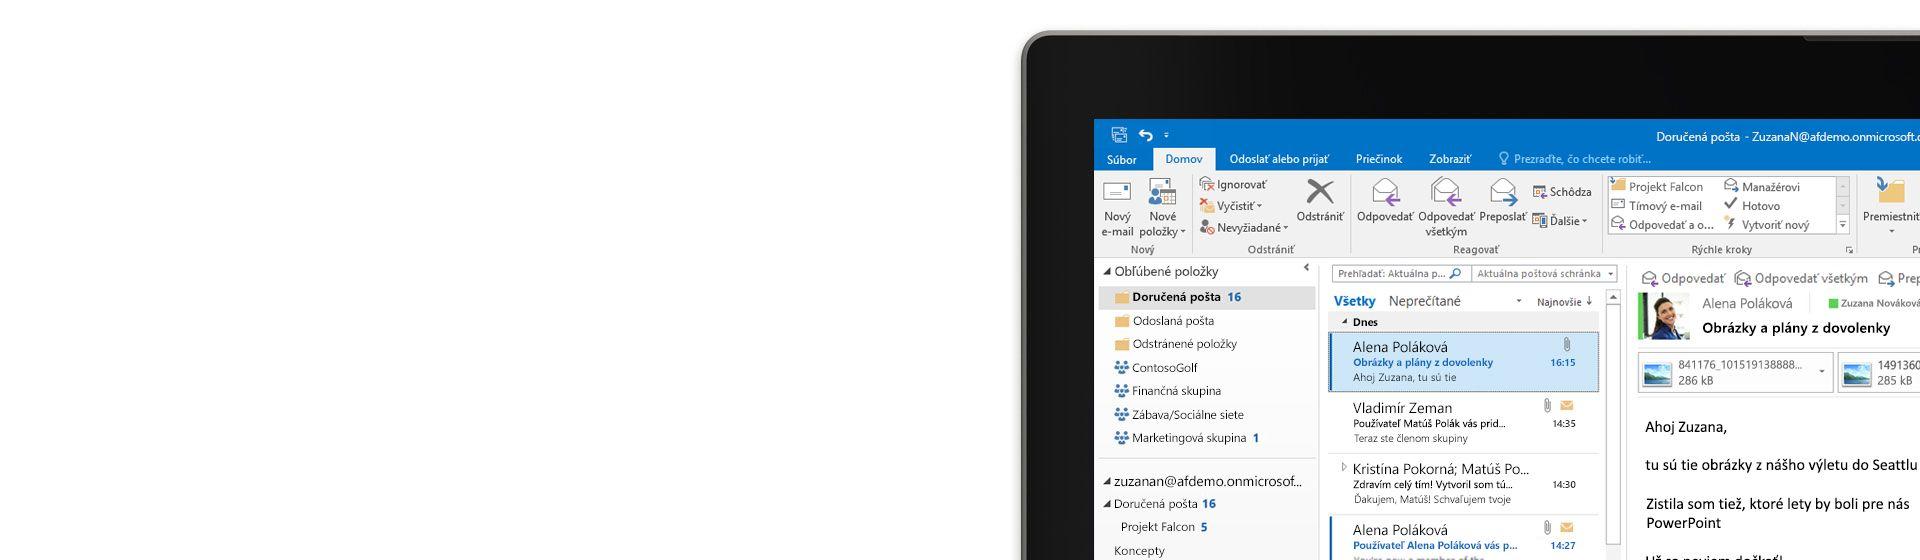 Microsoft Outlook sotvoreným oknom ukážky správy spustený vtablete